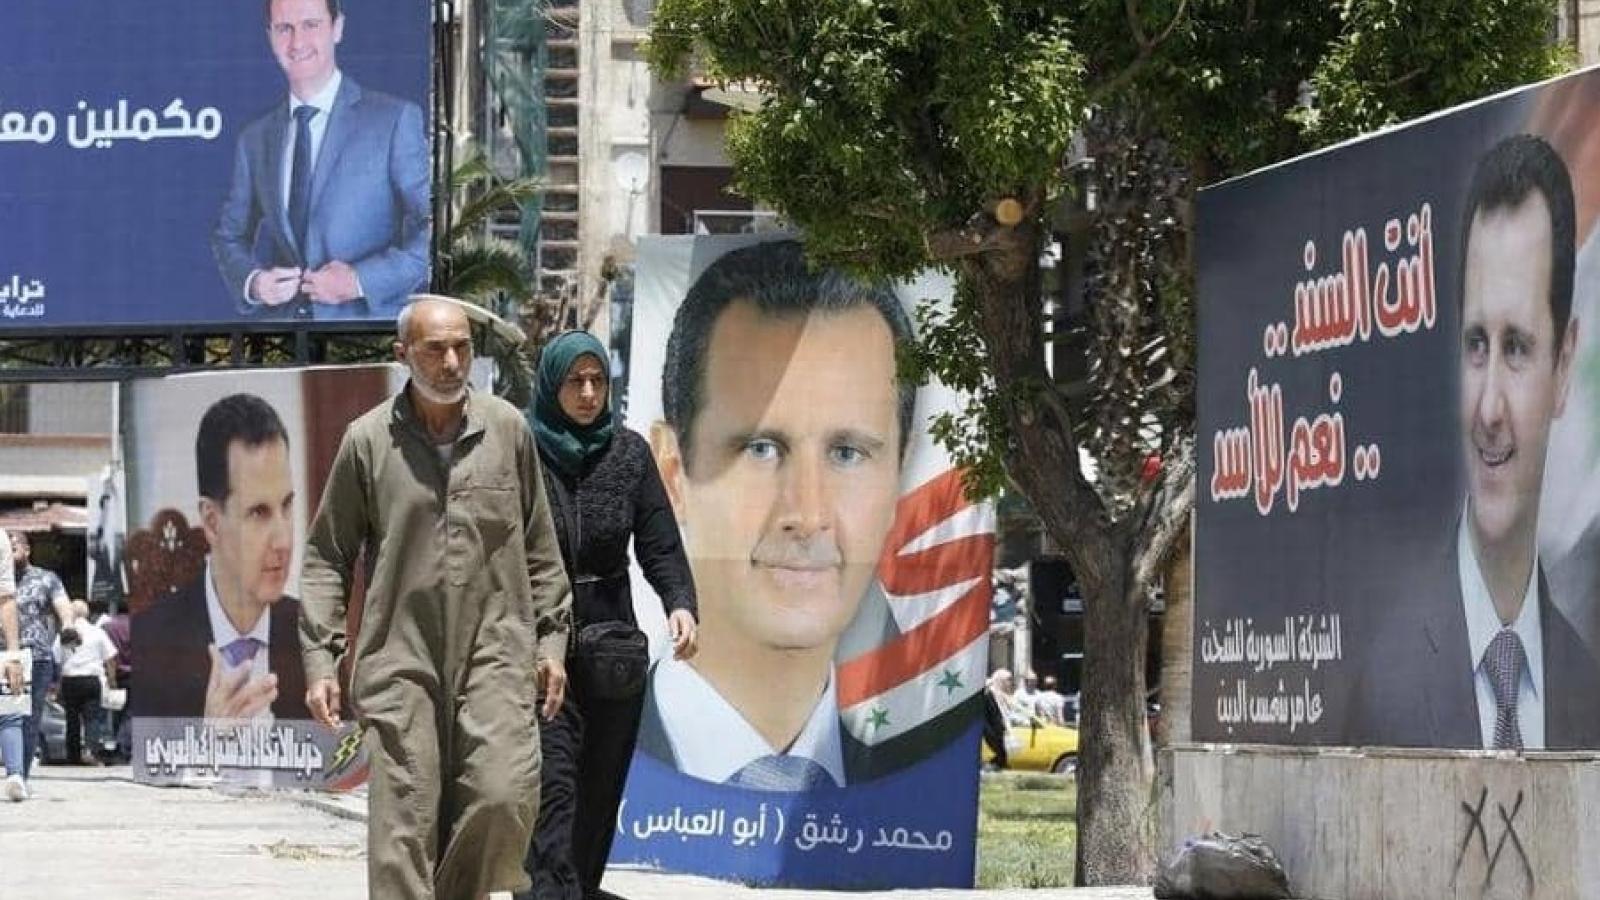 Syria tiến hành bầu cử tổng thống, hướng tới tương lai tươi sáng hơn